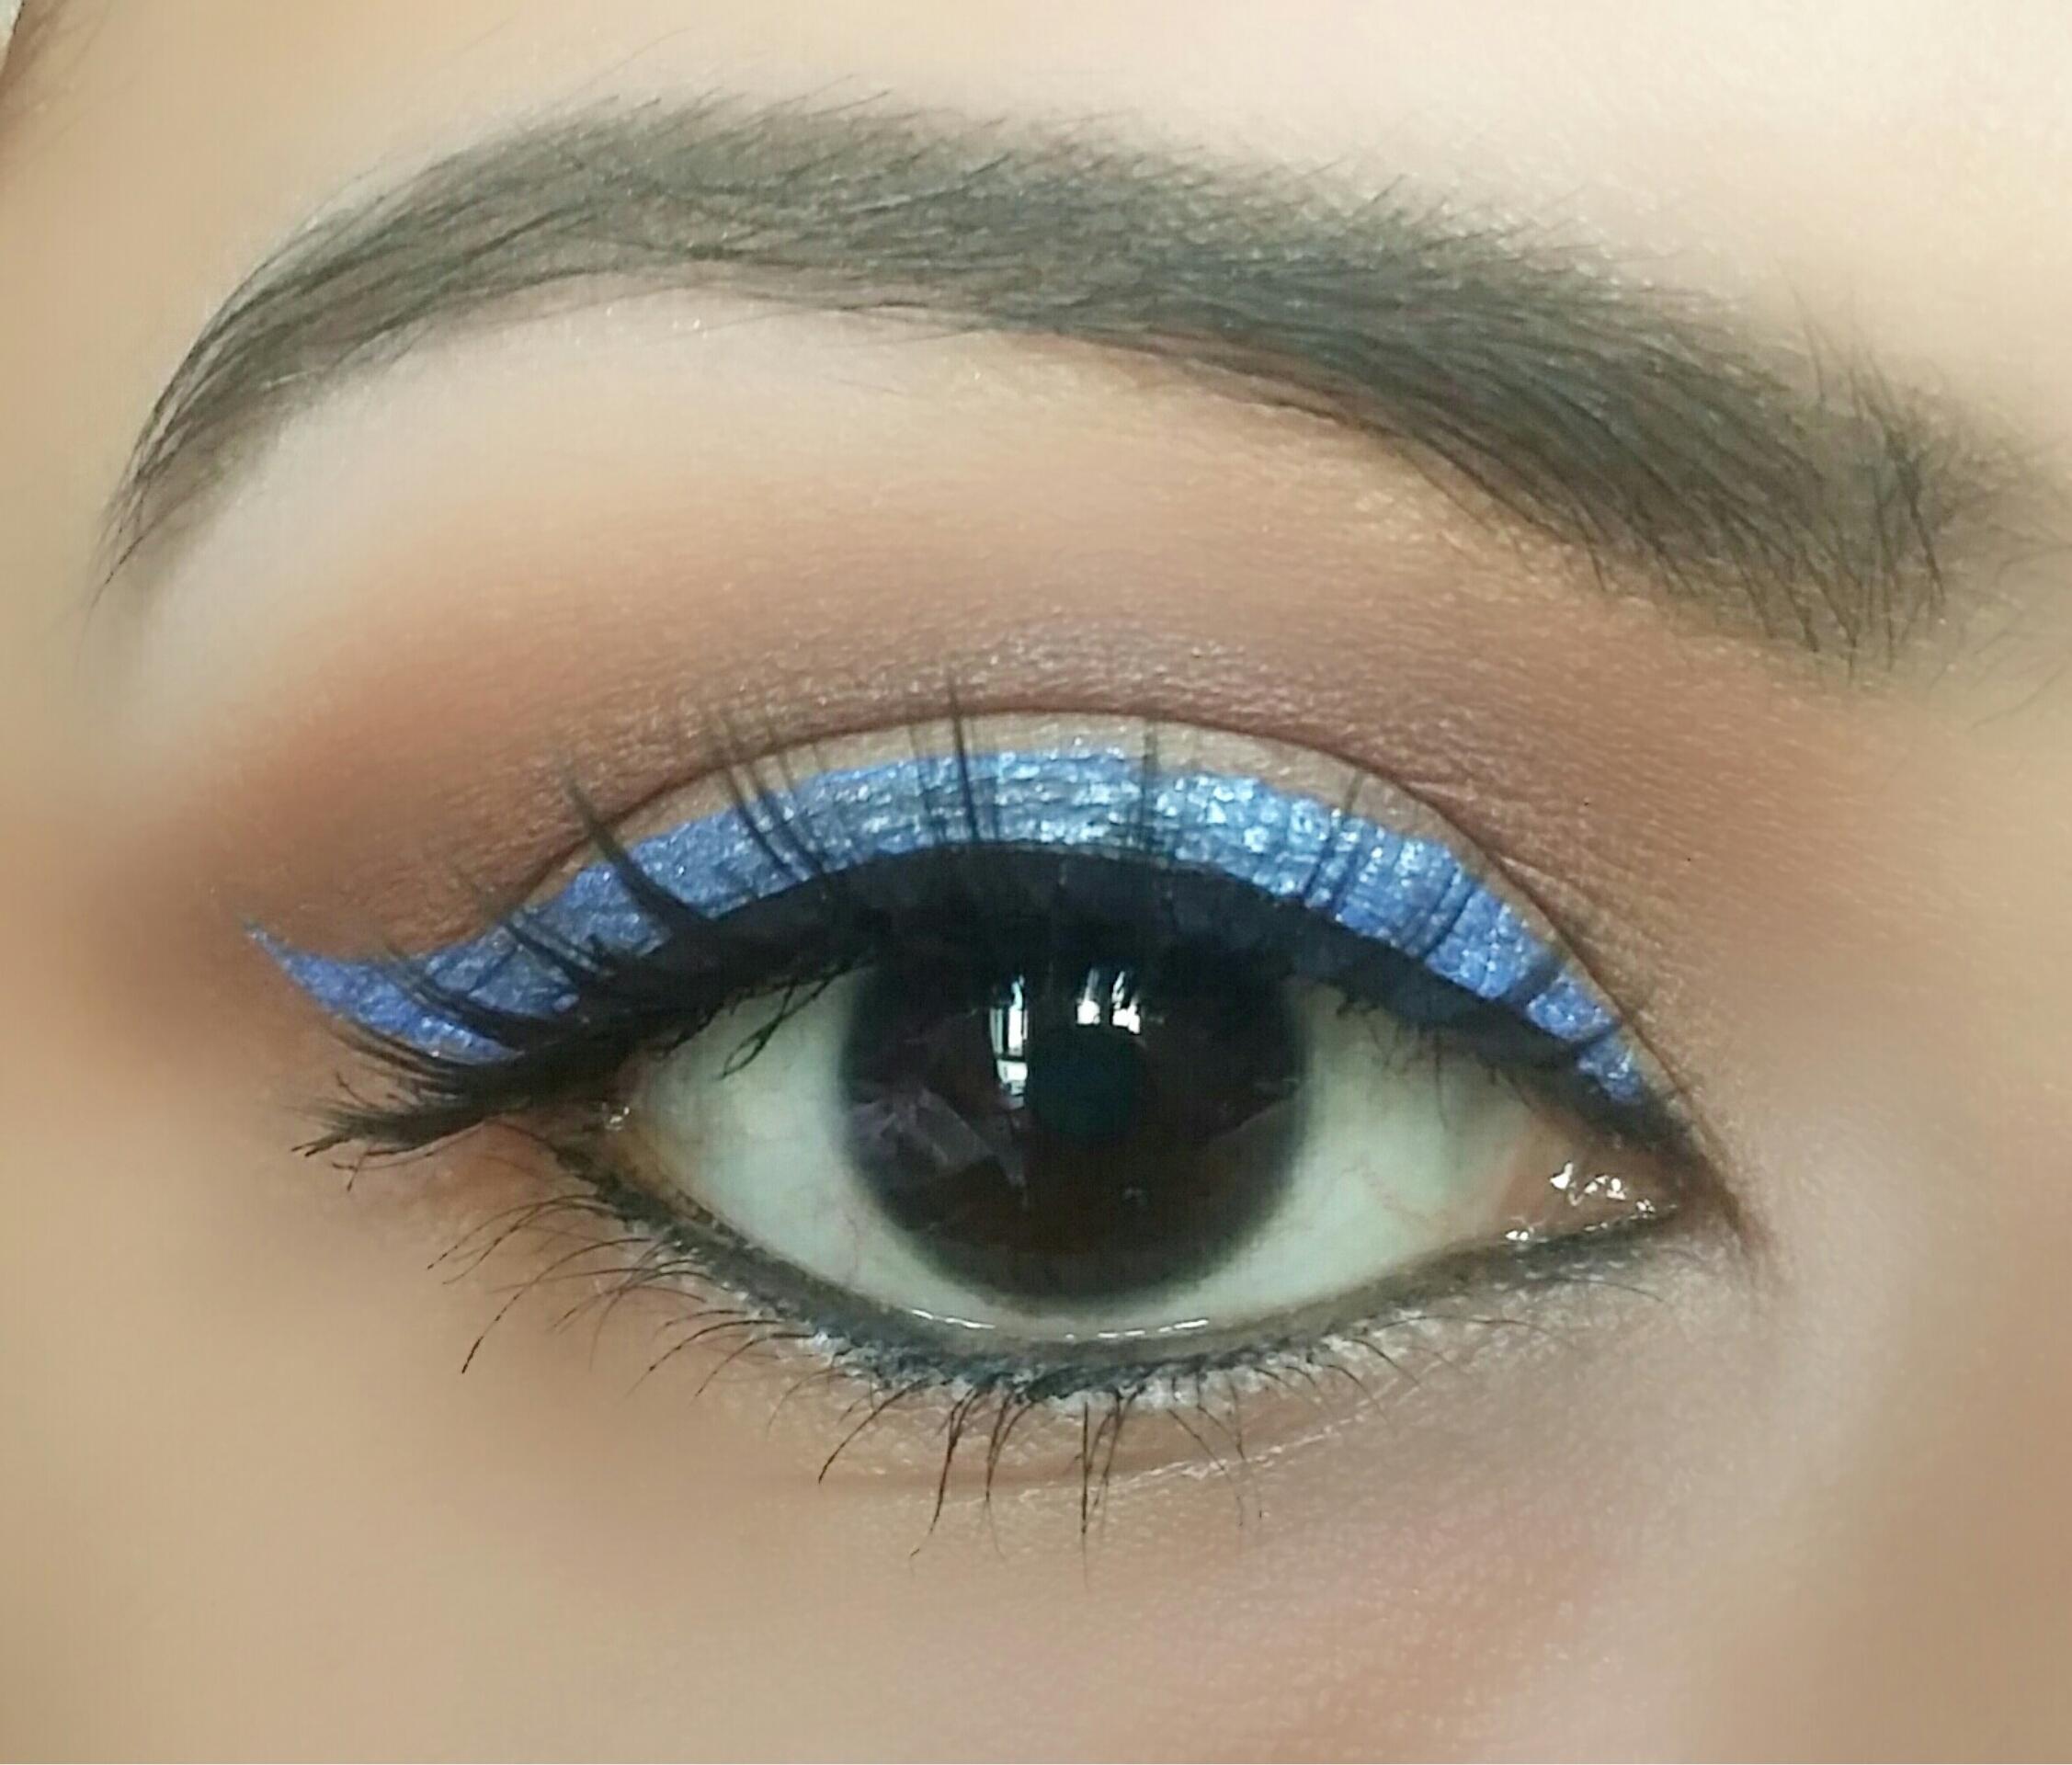 eyebrow tutorial in 4 easy steps